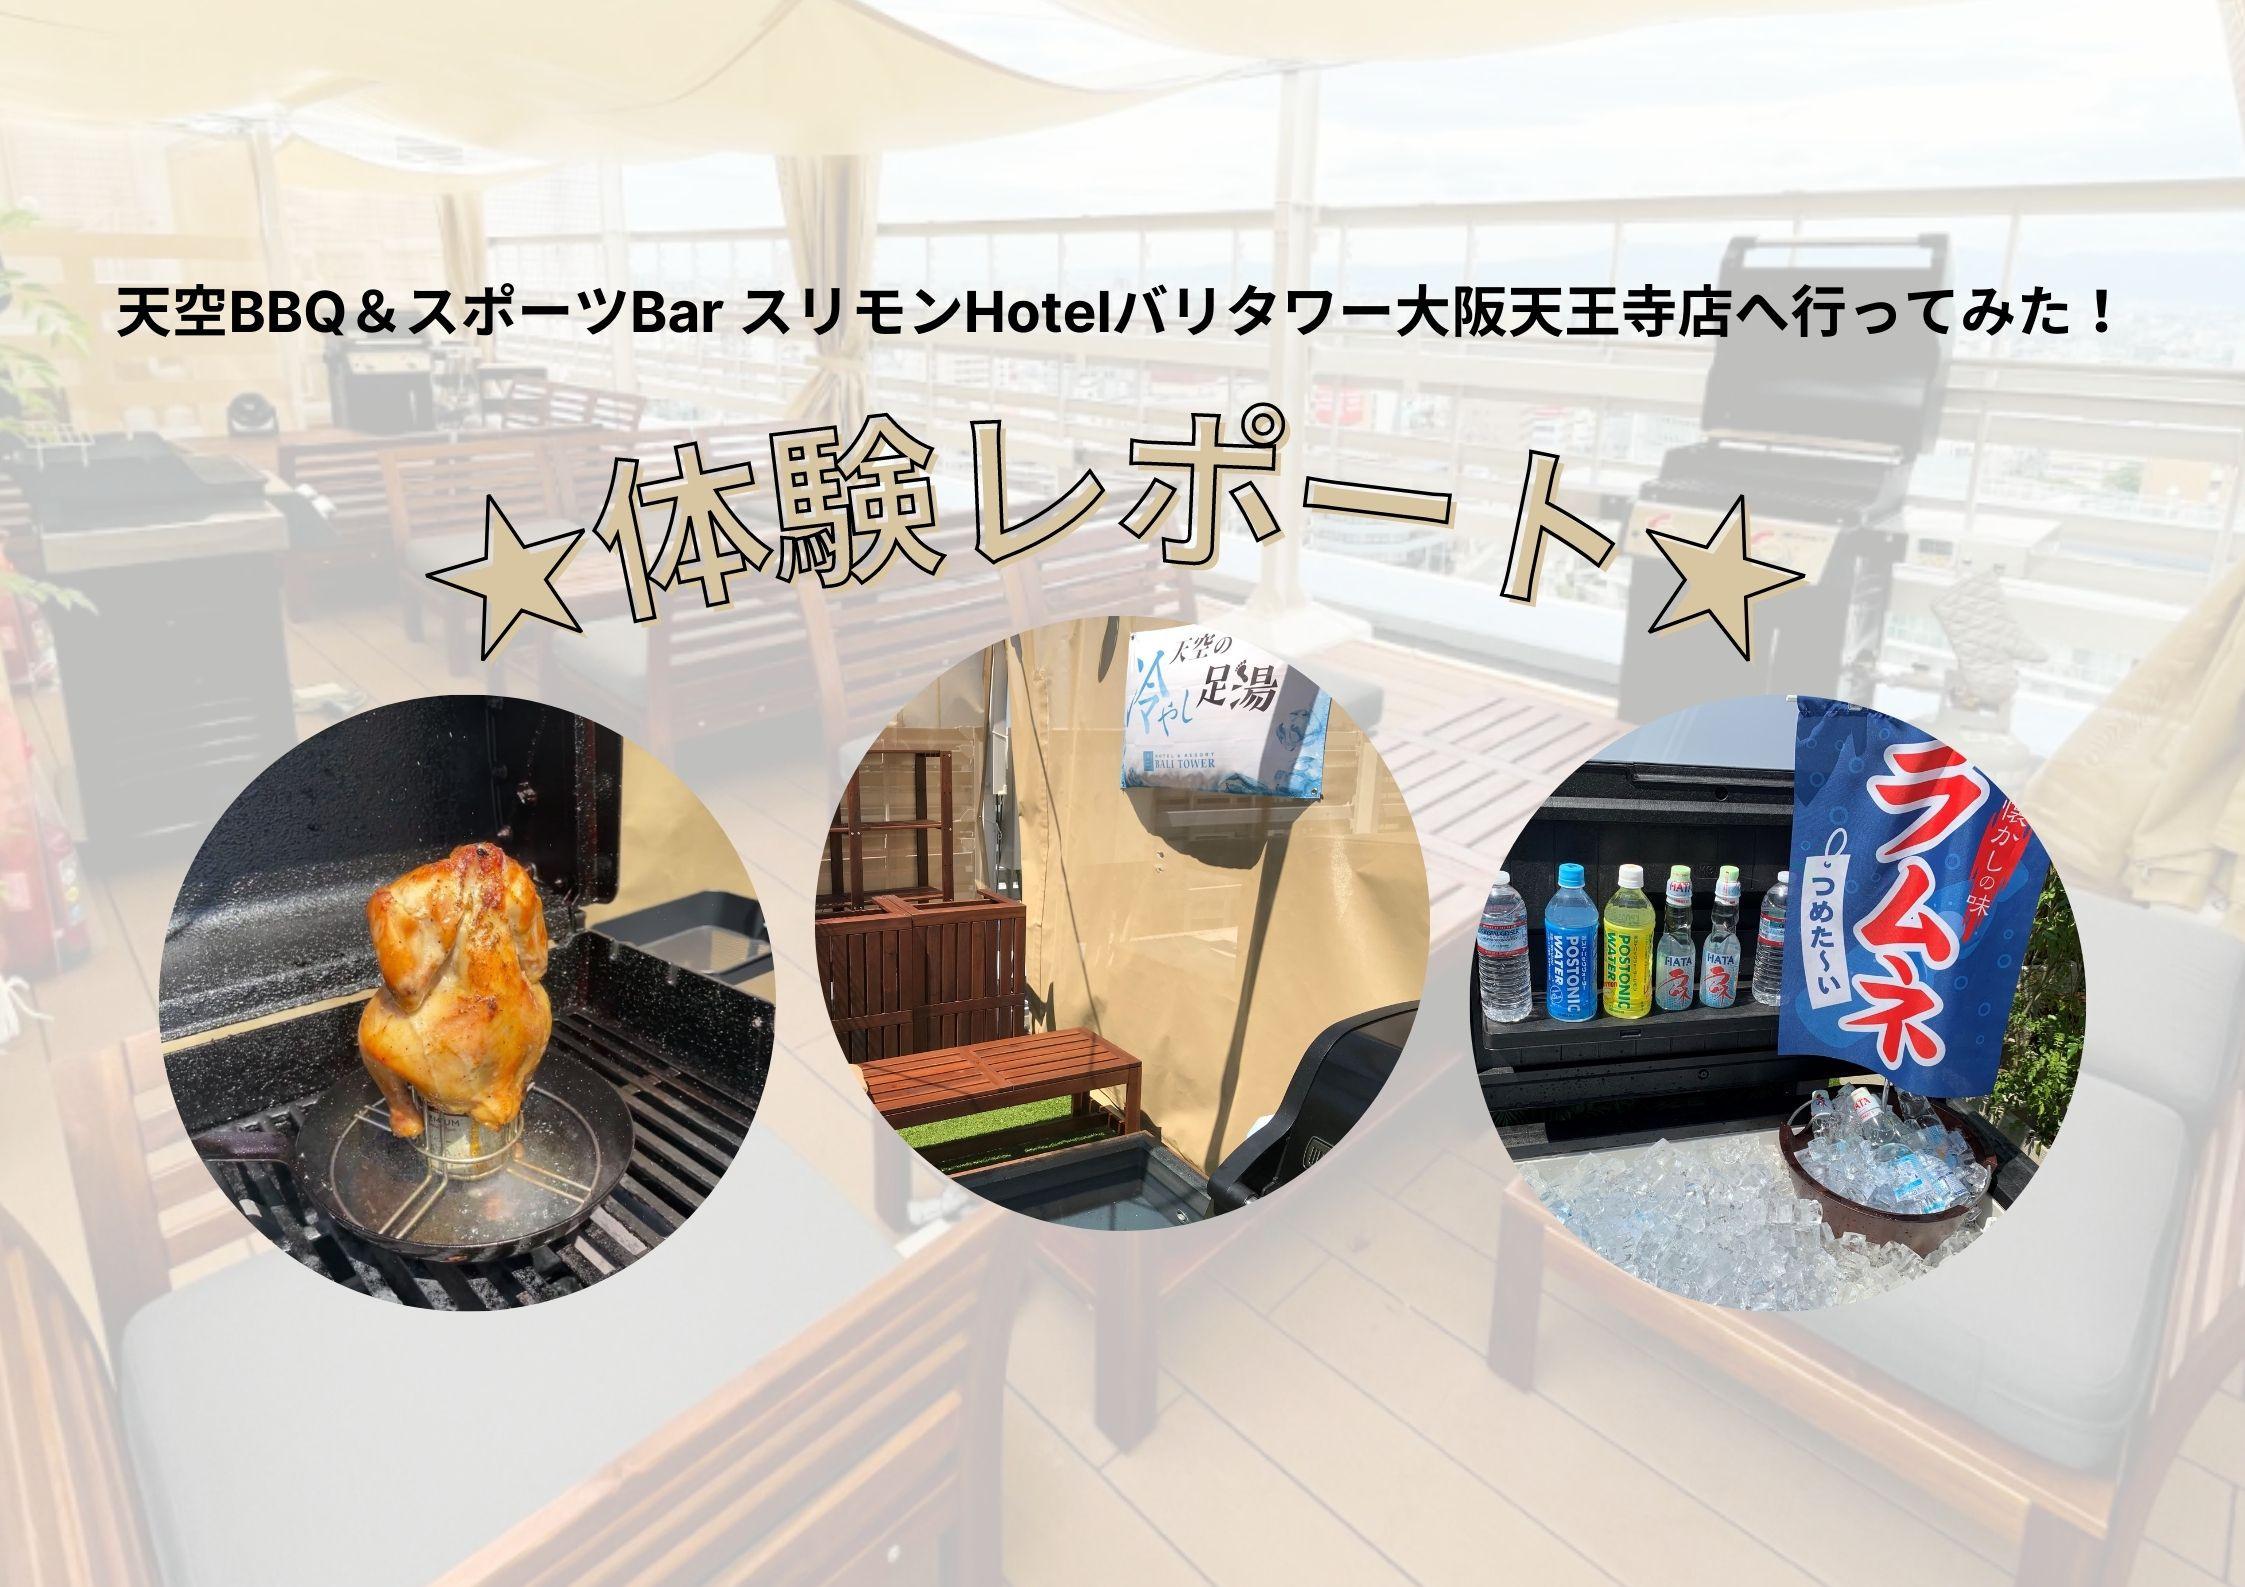 【体験レポ】天空BBQ&スポーツBar スリモン Hotelバリタワー大阪天王寺店へ行ってみた!